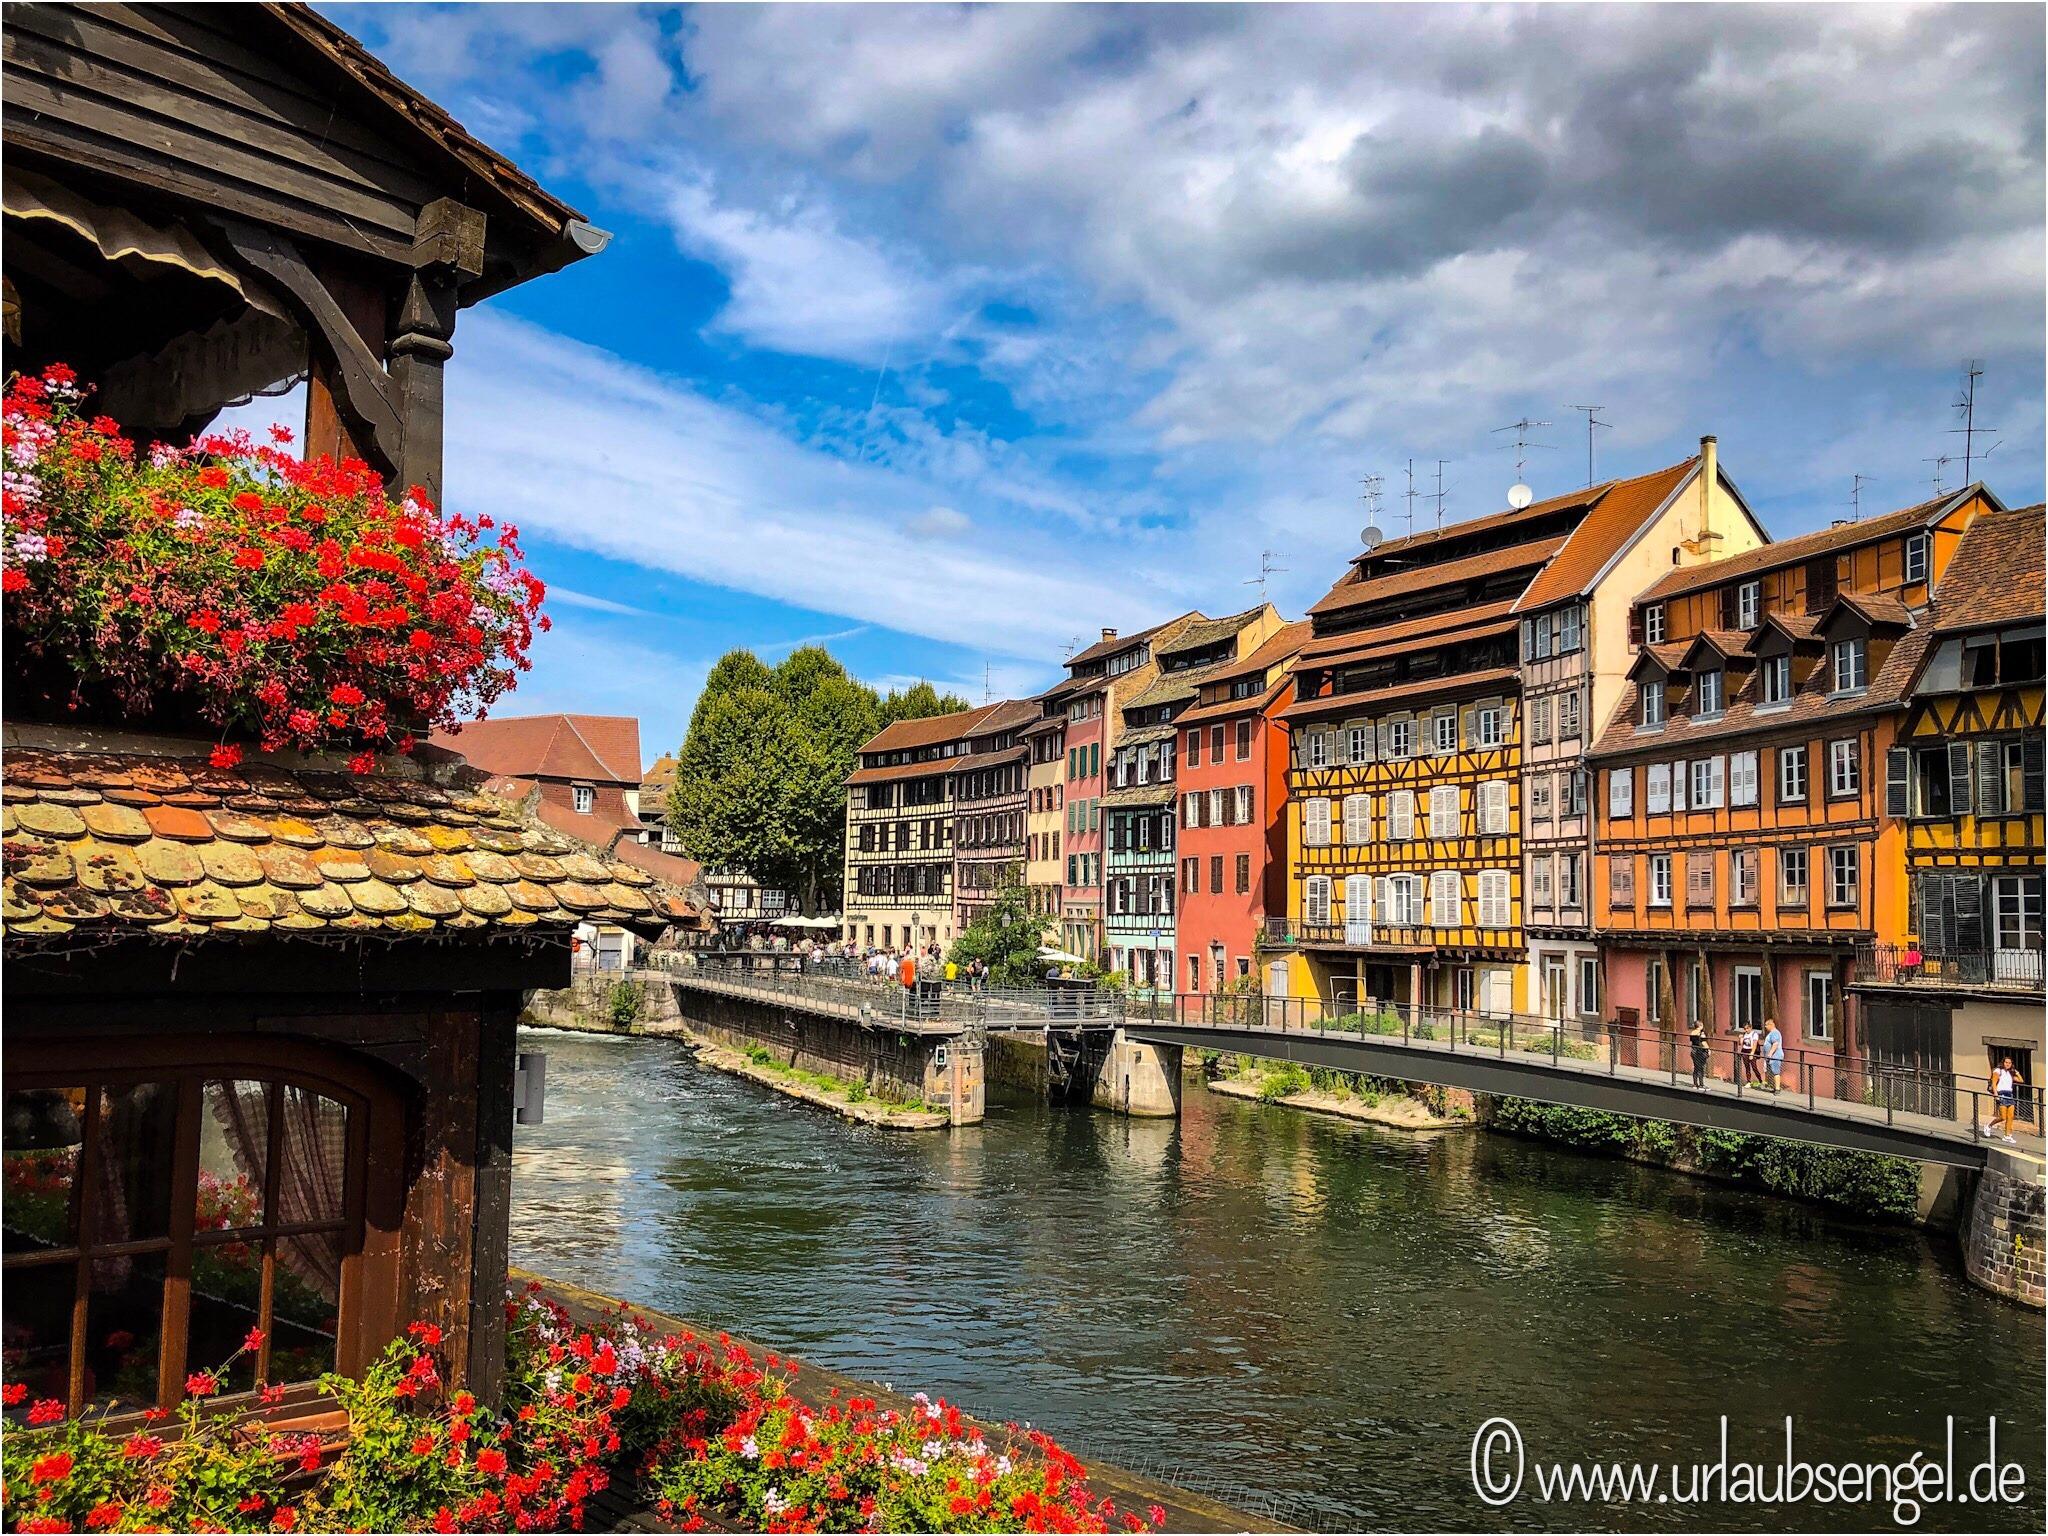 Altstadt Straßburg, Hauptstadt des Elsaß